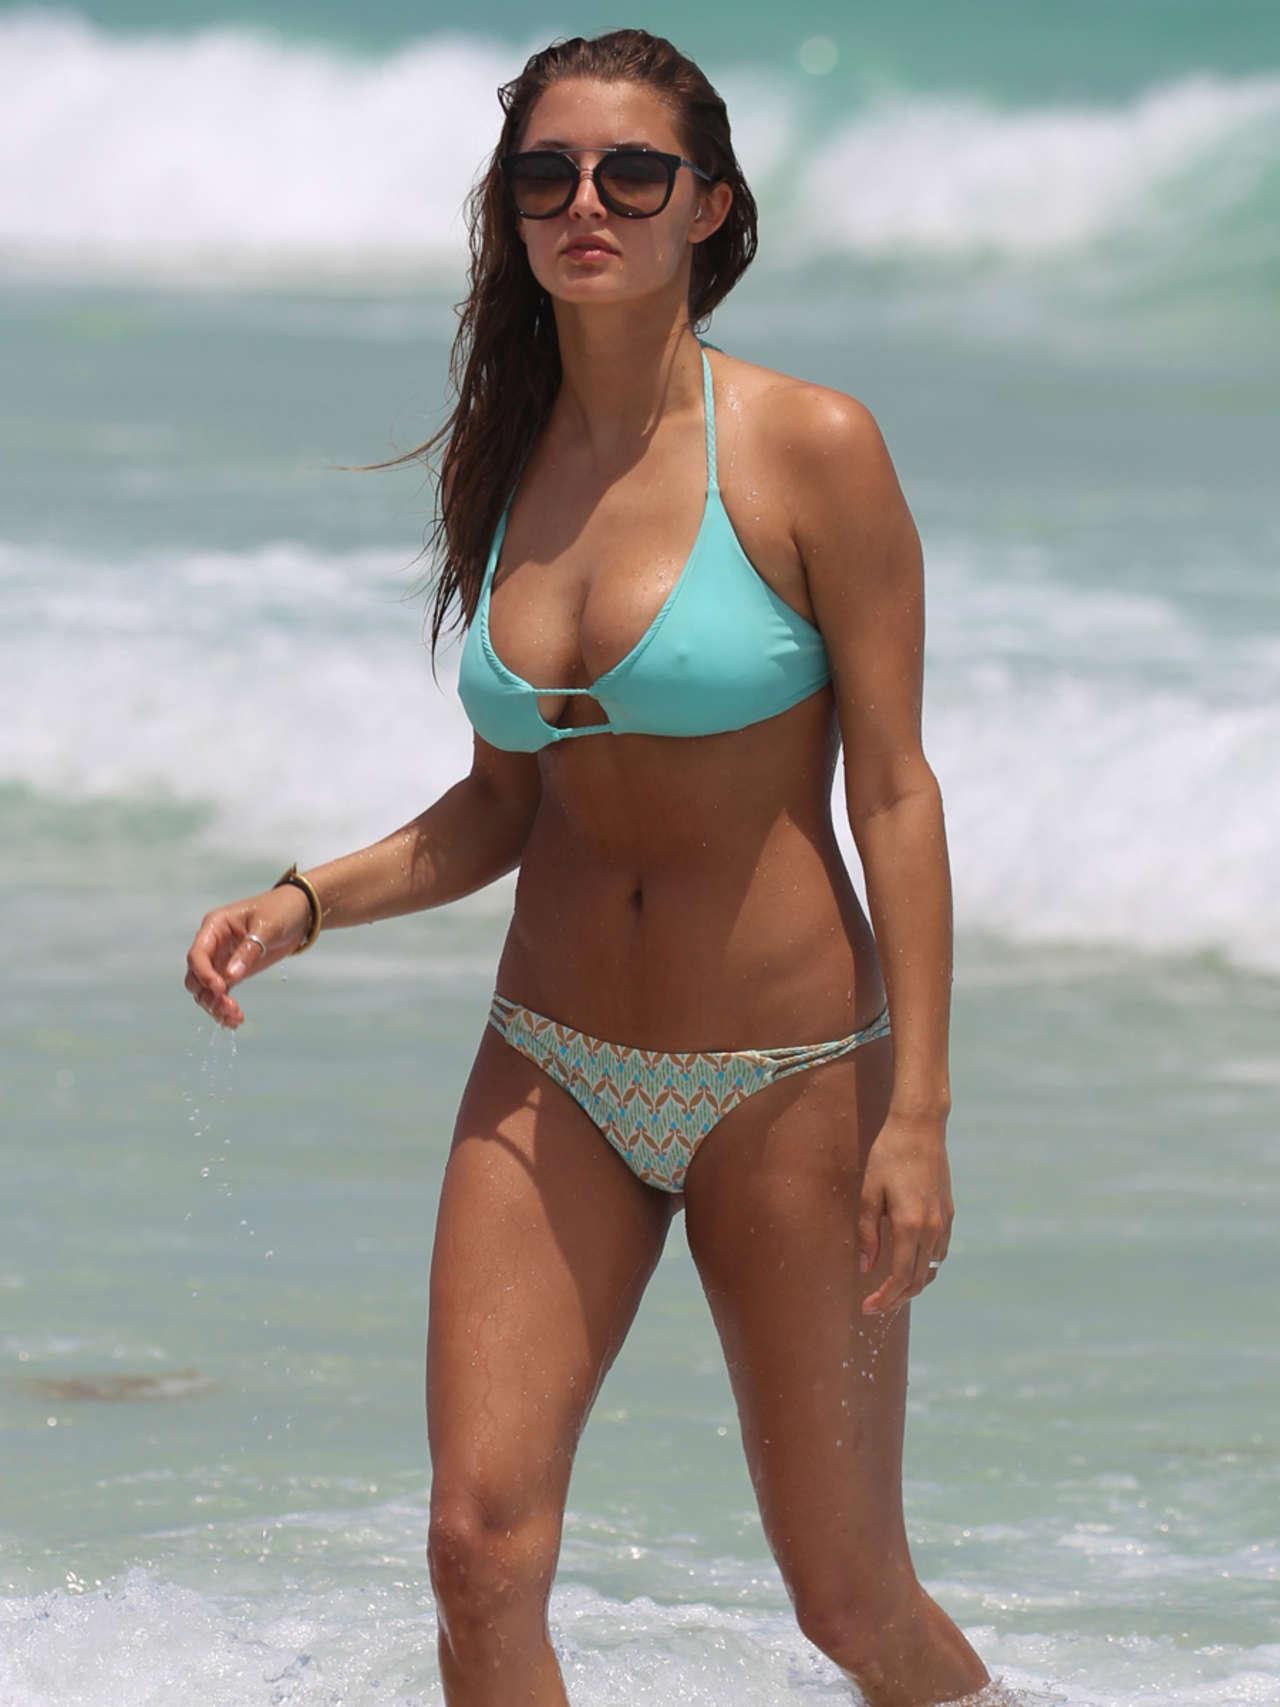 Alyssa Arce 2014 : Alyssa Arce in a Bikini on Miami Beach -08